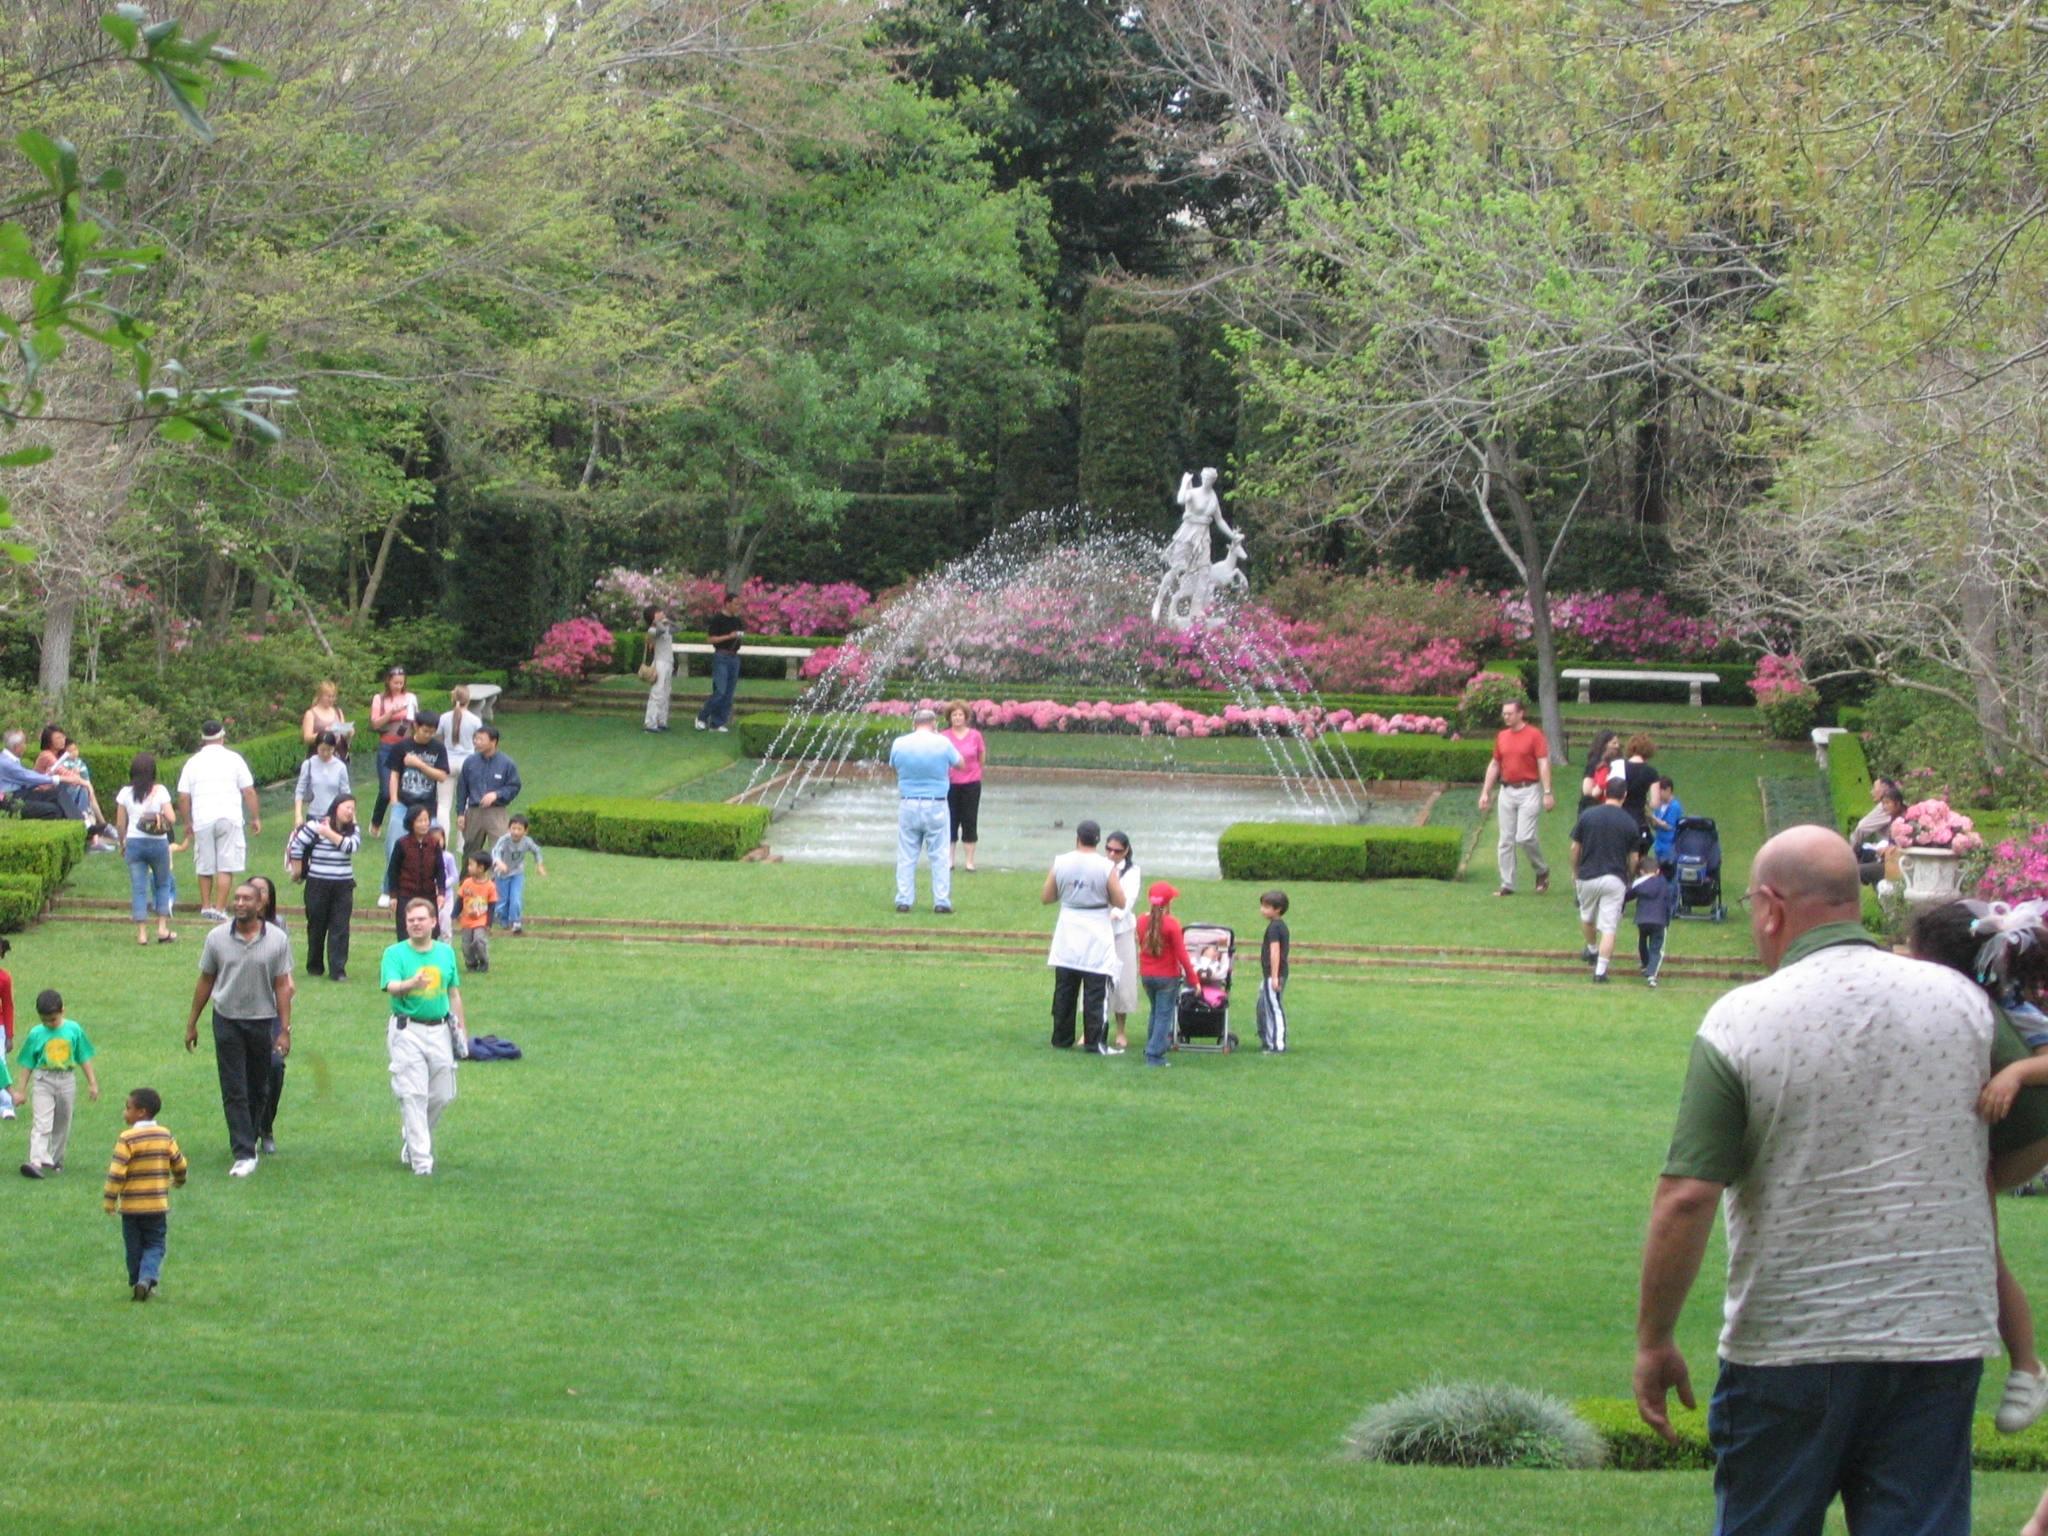 Bayou Bend family gardens